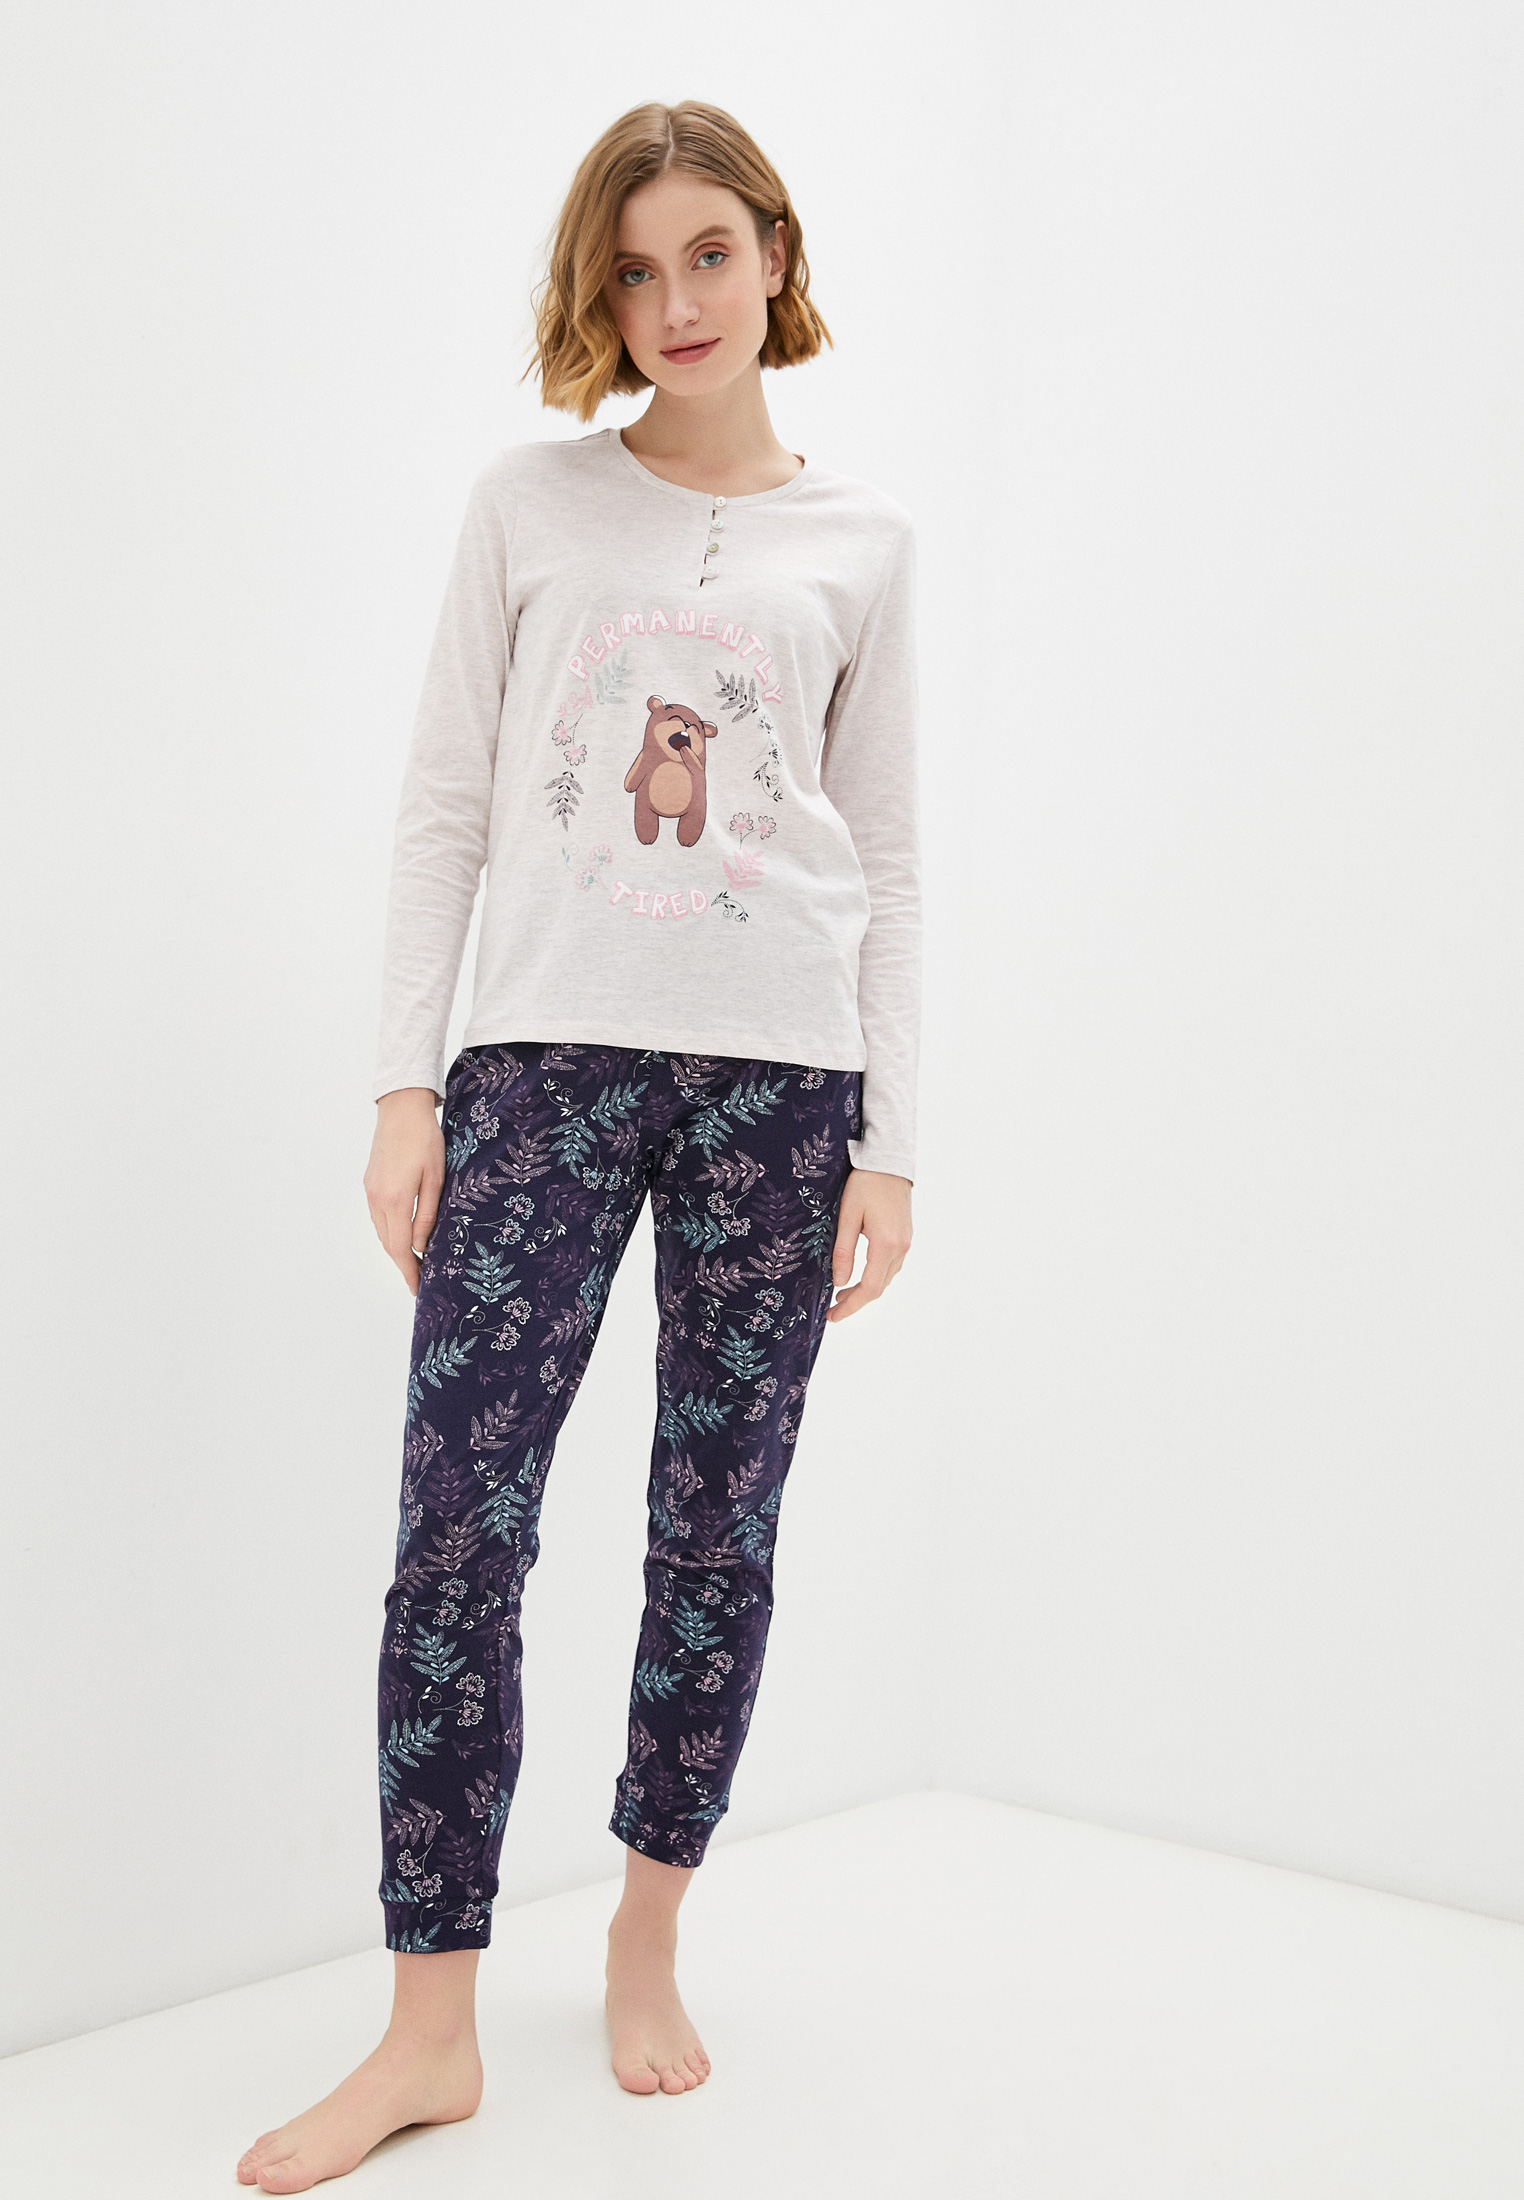 Женское белье и одежда для дома NYMOS 5612868